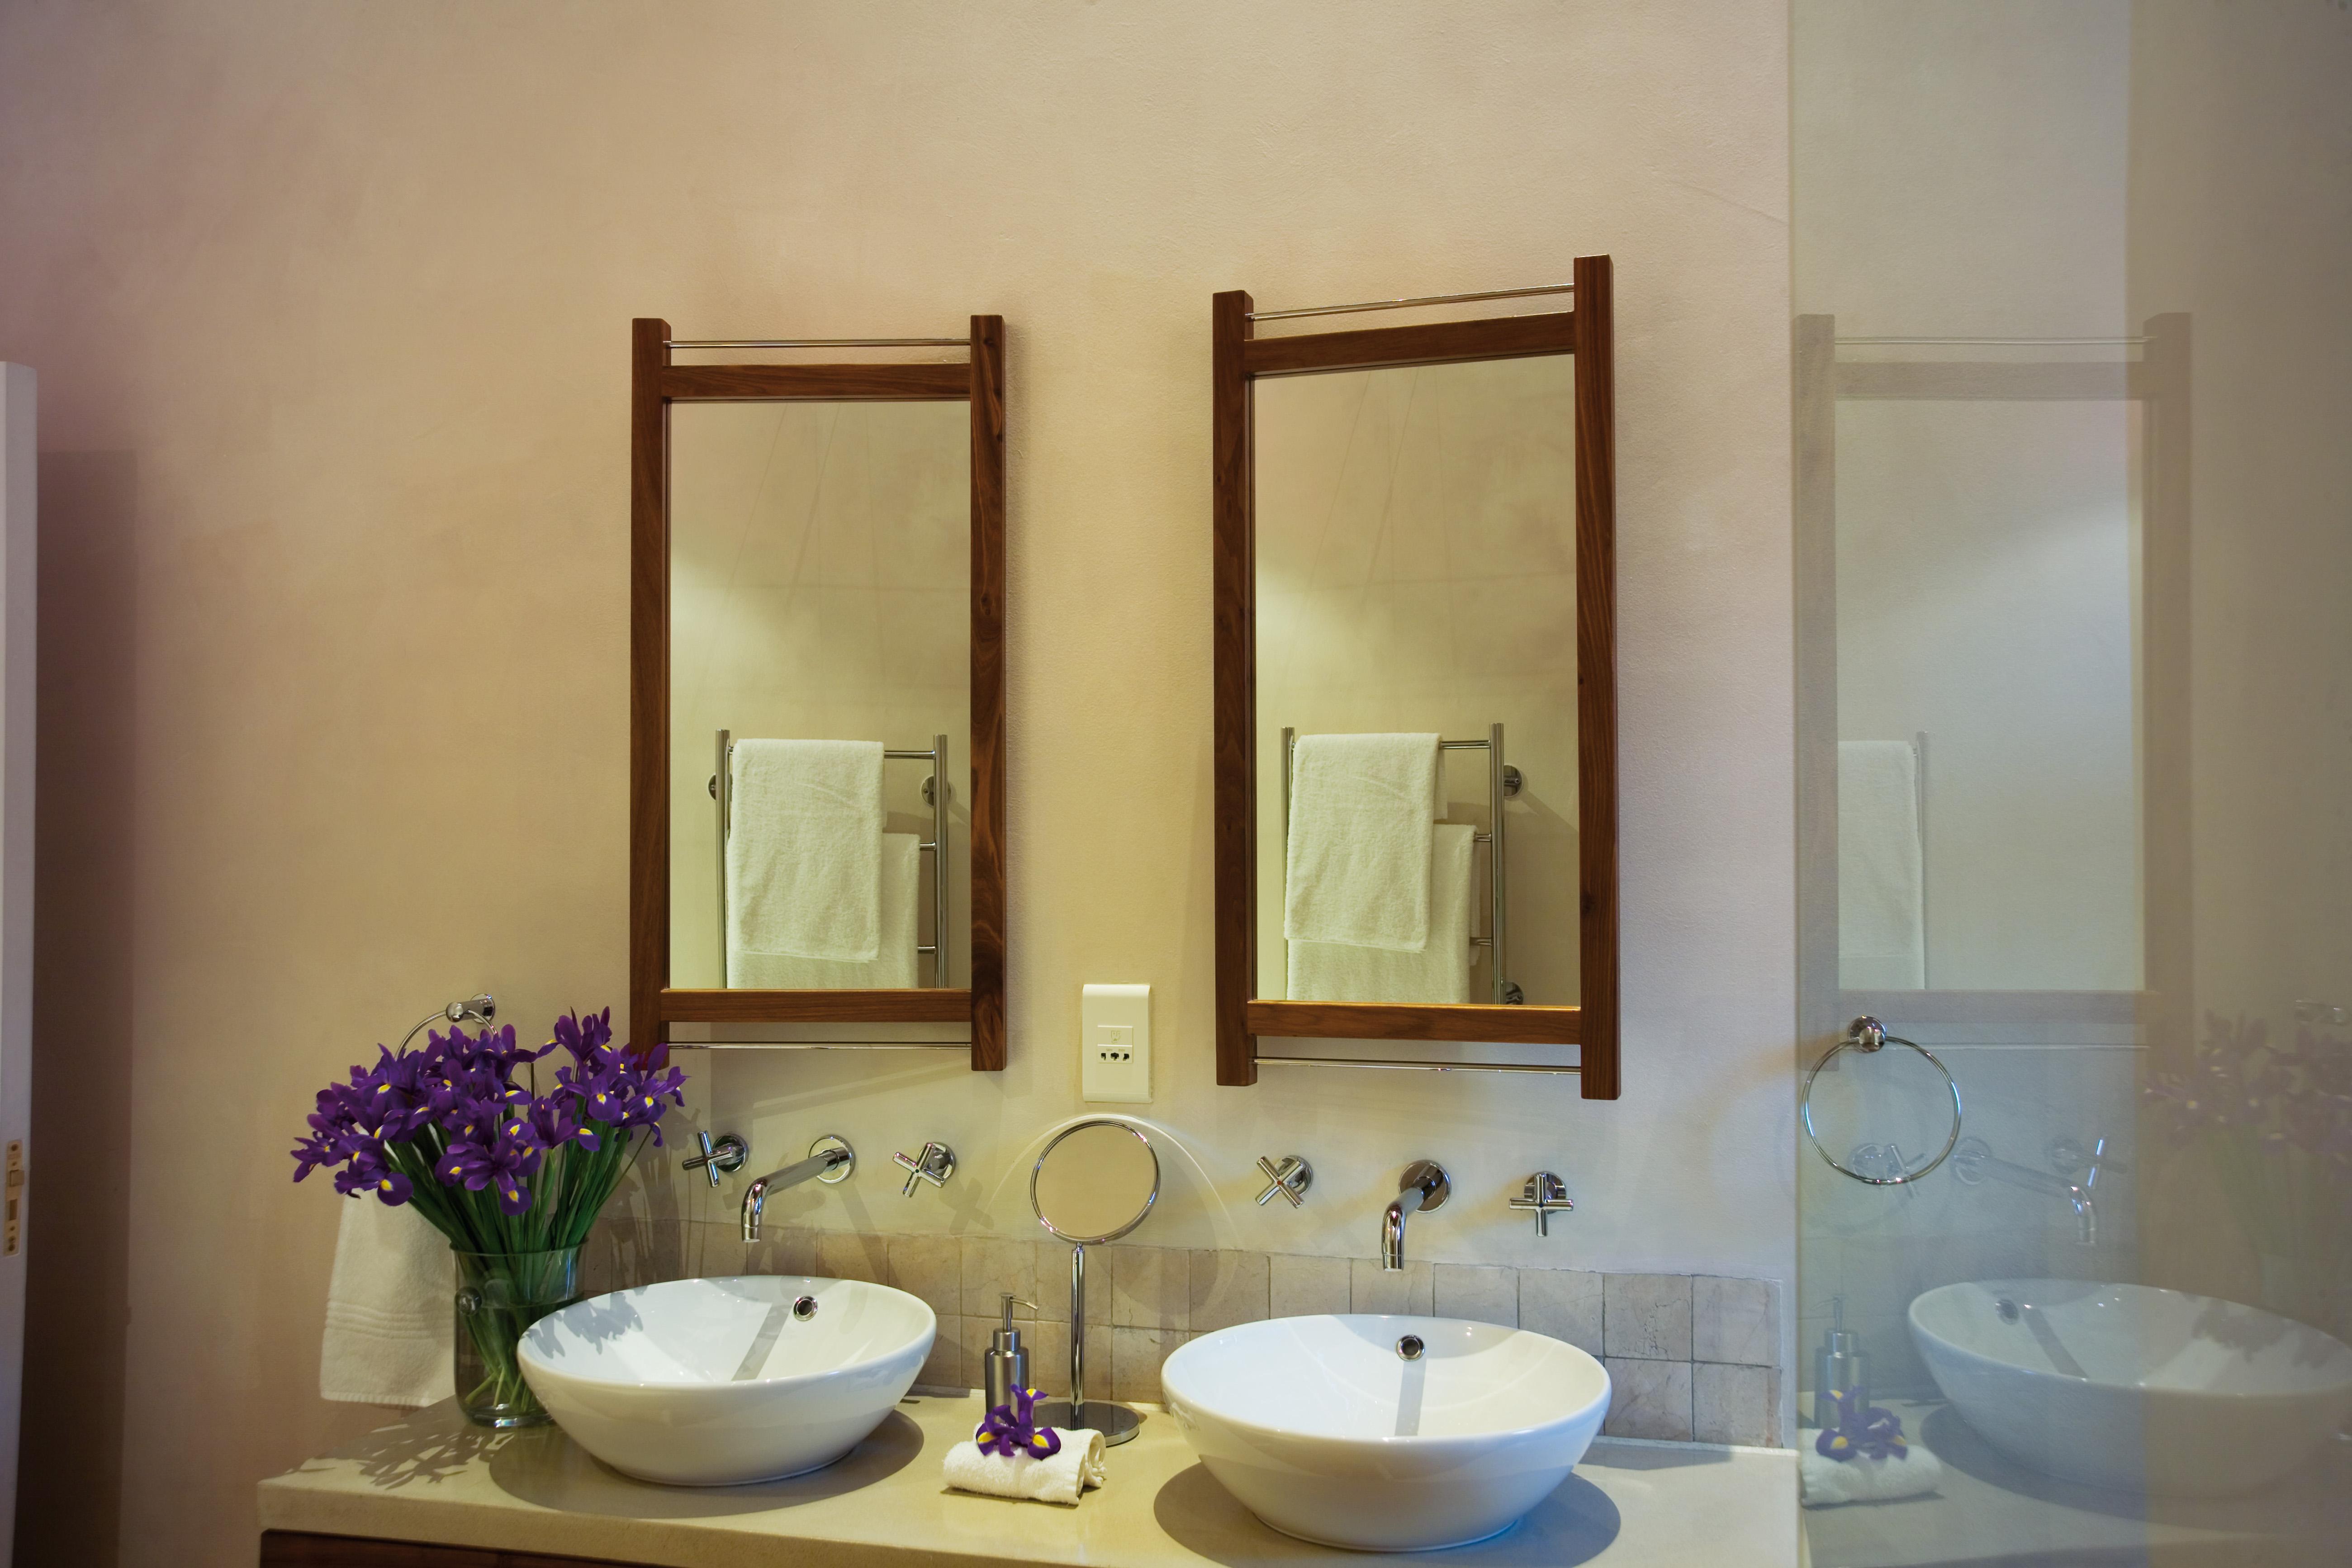 Nuove tendenze per l'arredo del bagno